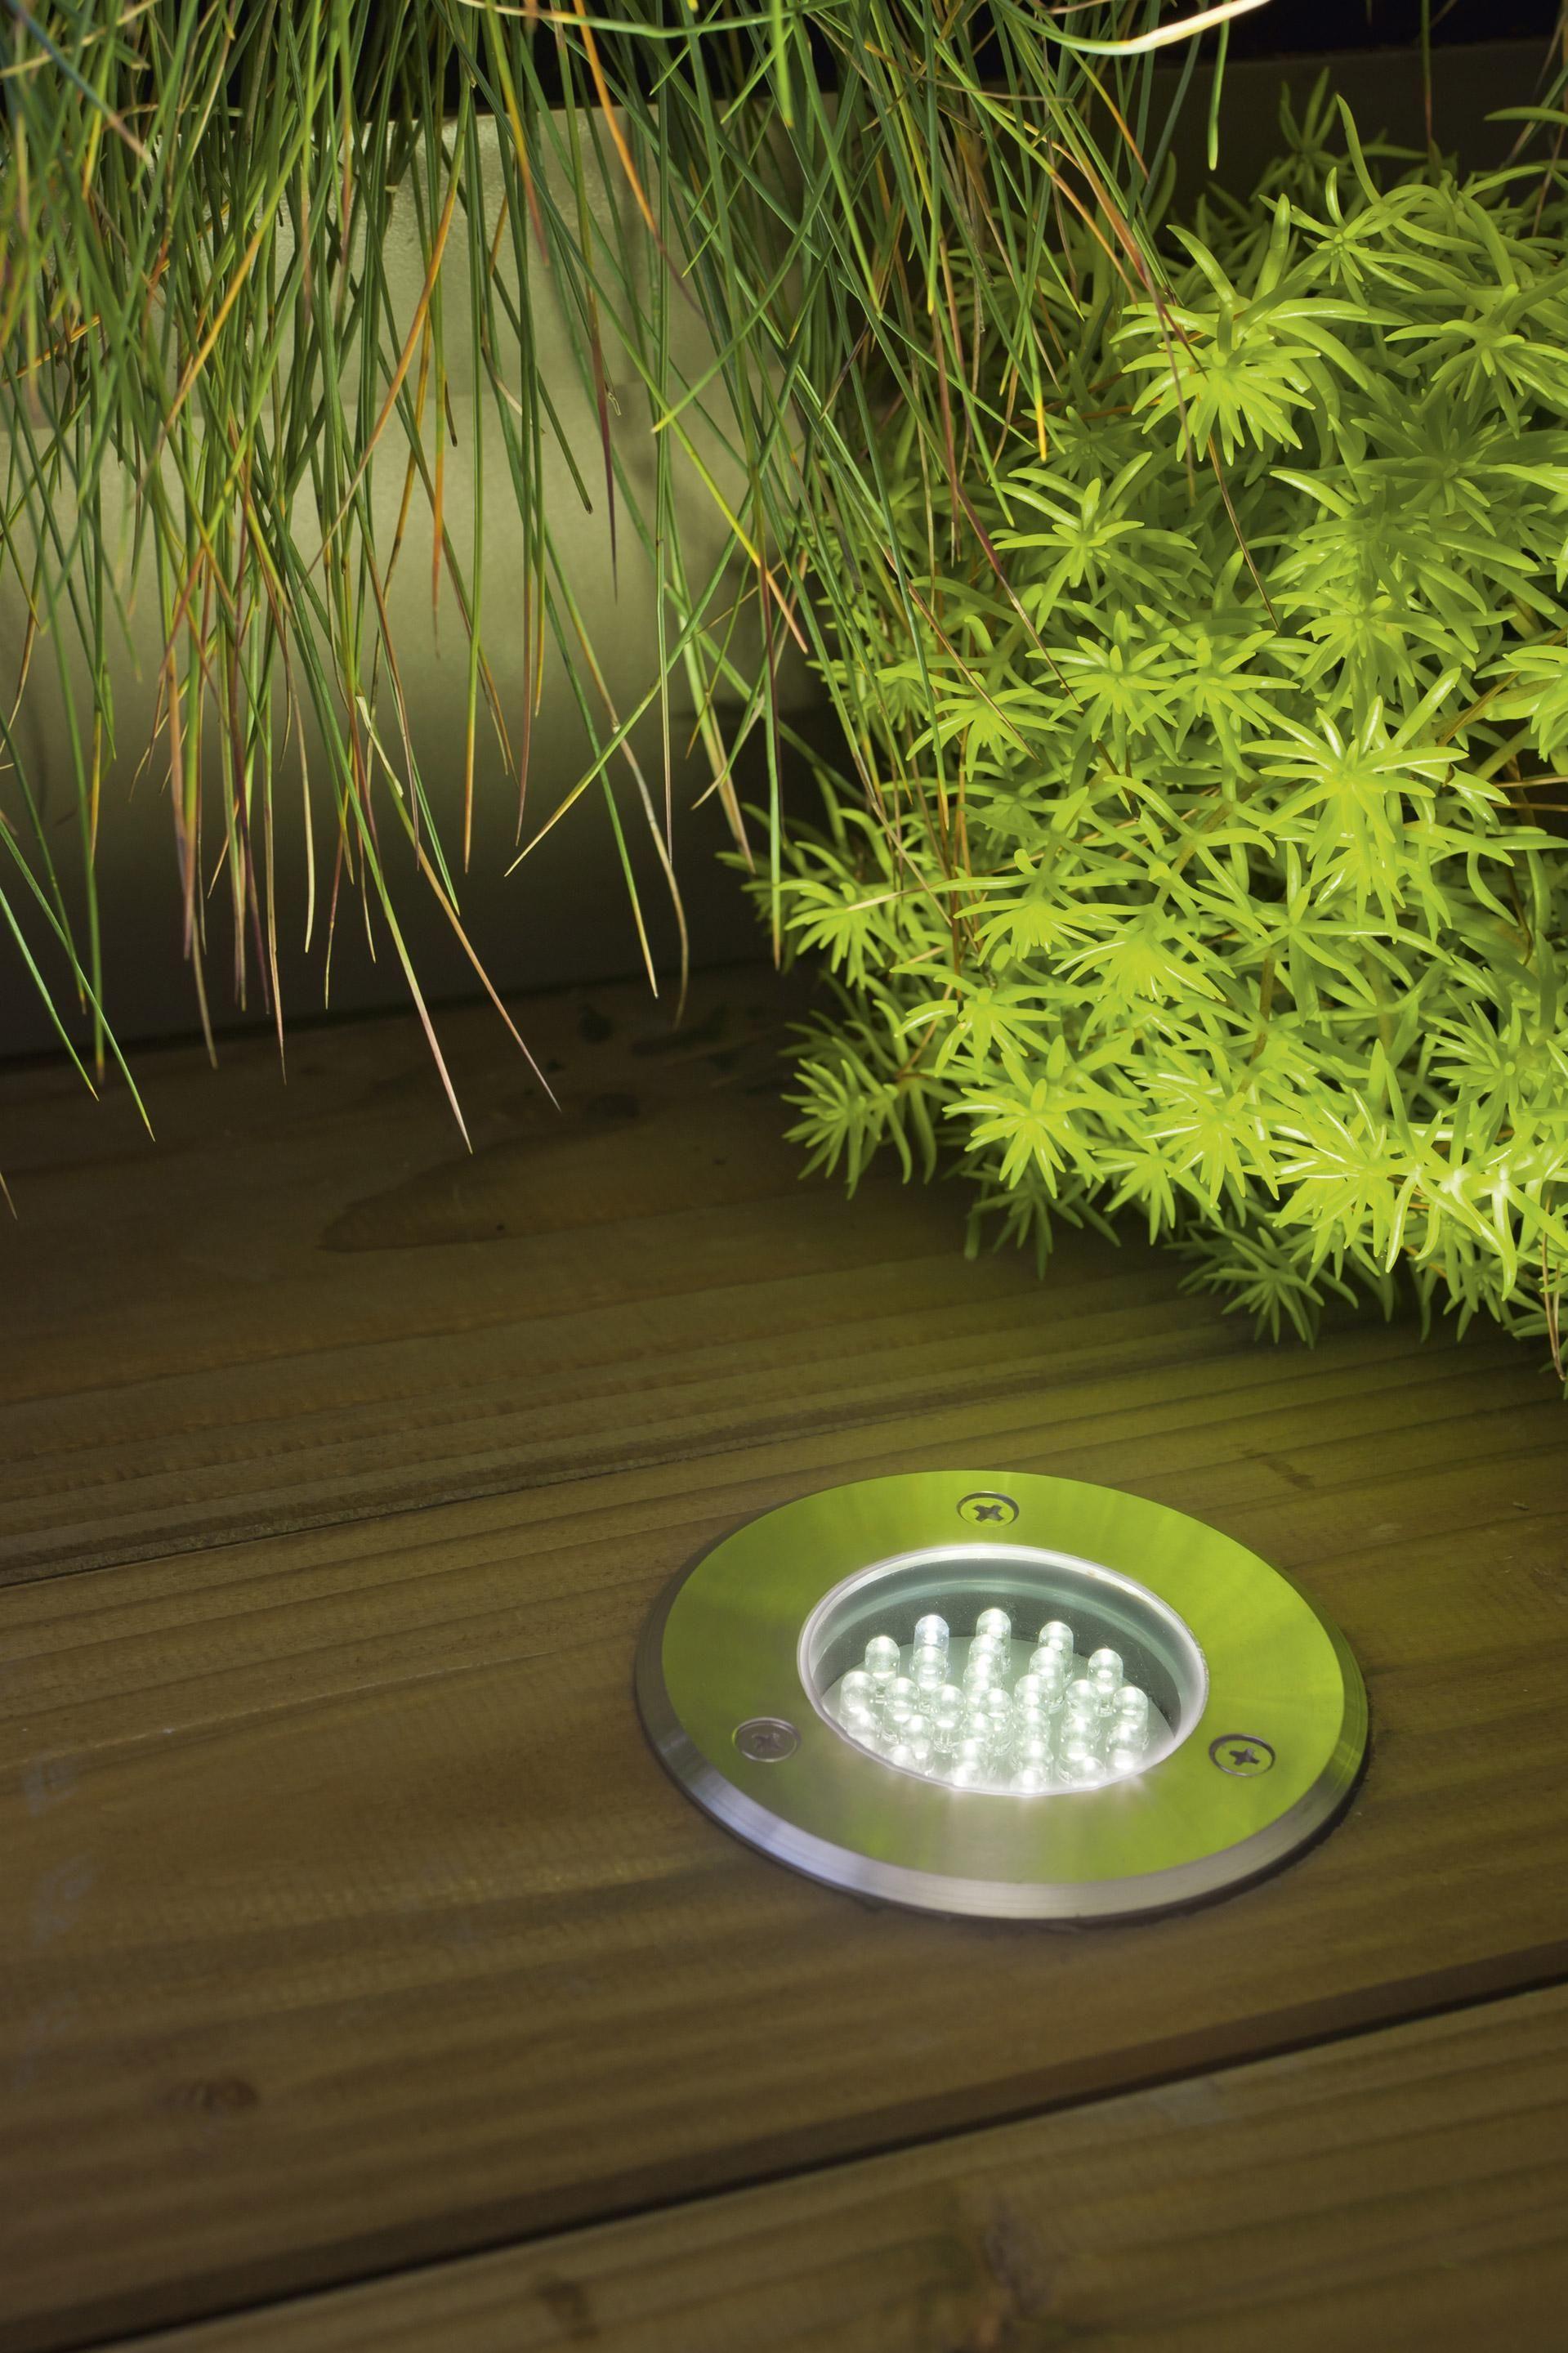 Spot A Encastrer Exterieur 7 5 Cm Acier Inoxydable Acier Inoxydable Exterieur Inoxydable